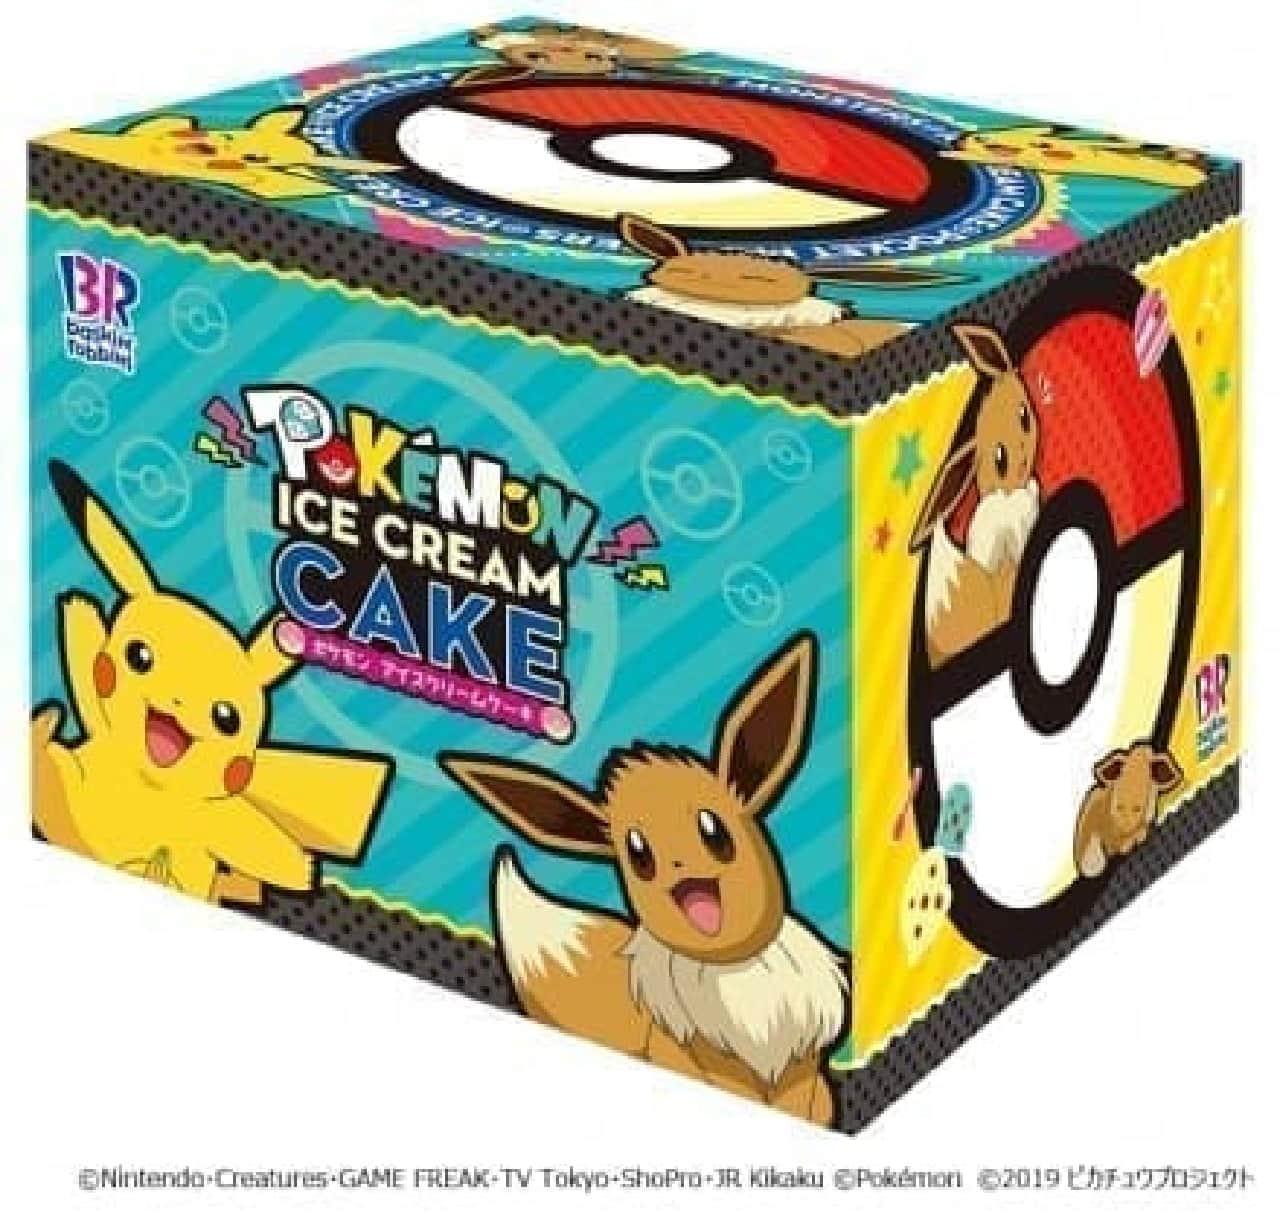 サーティワンアイスクリームポケモン アイスクリームケーキオリジナルのケーキ箱